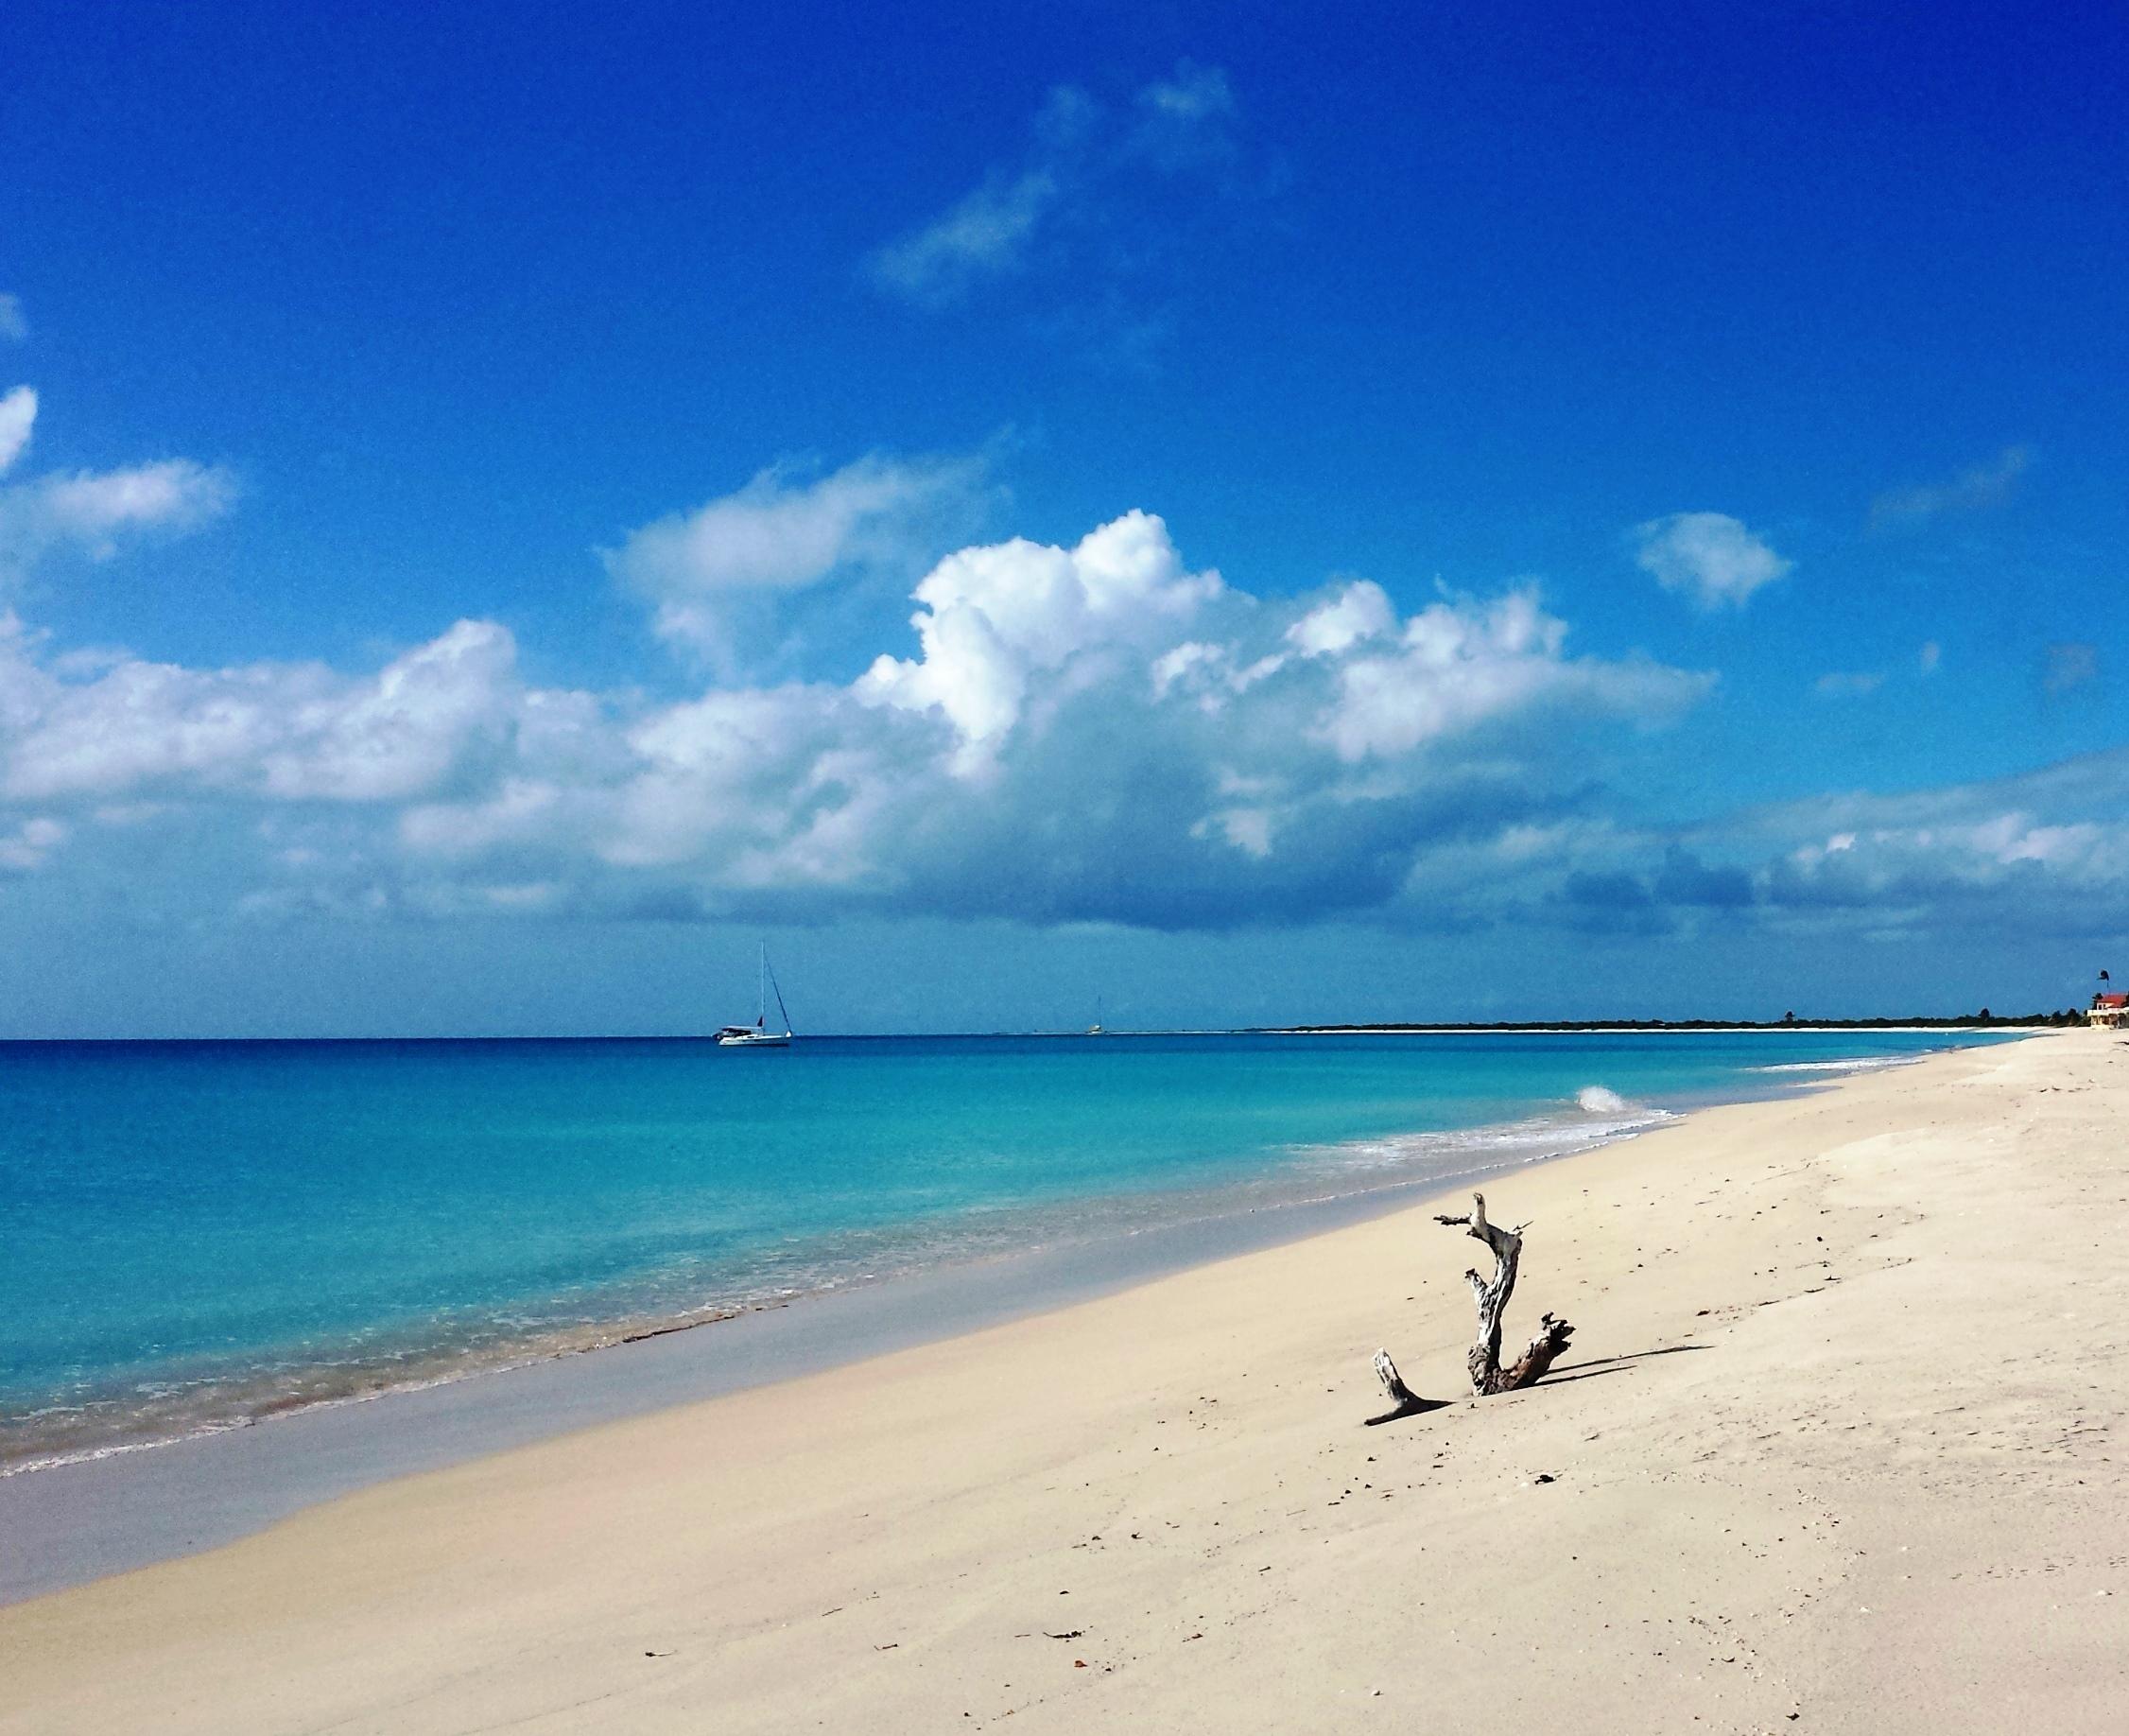 Stage de voile antilles Caraïbes